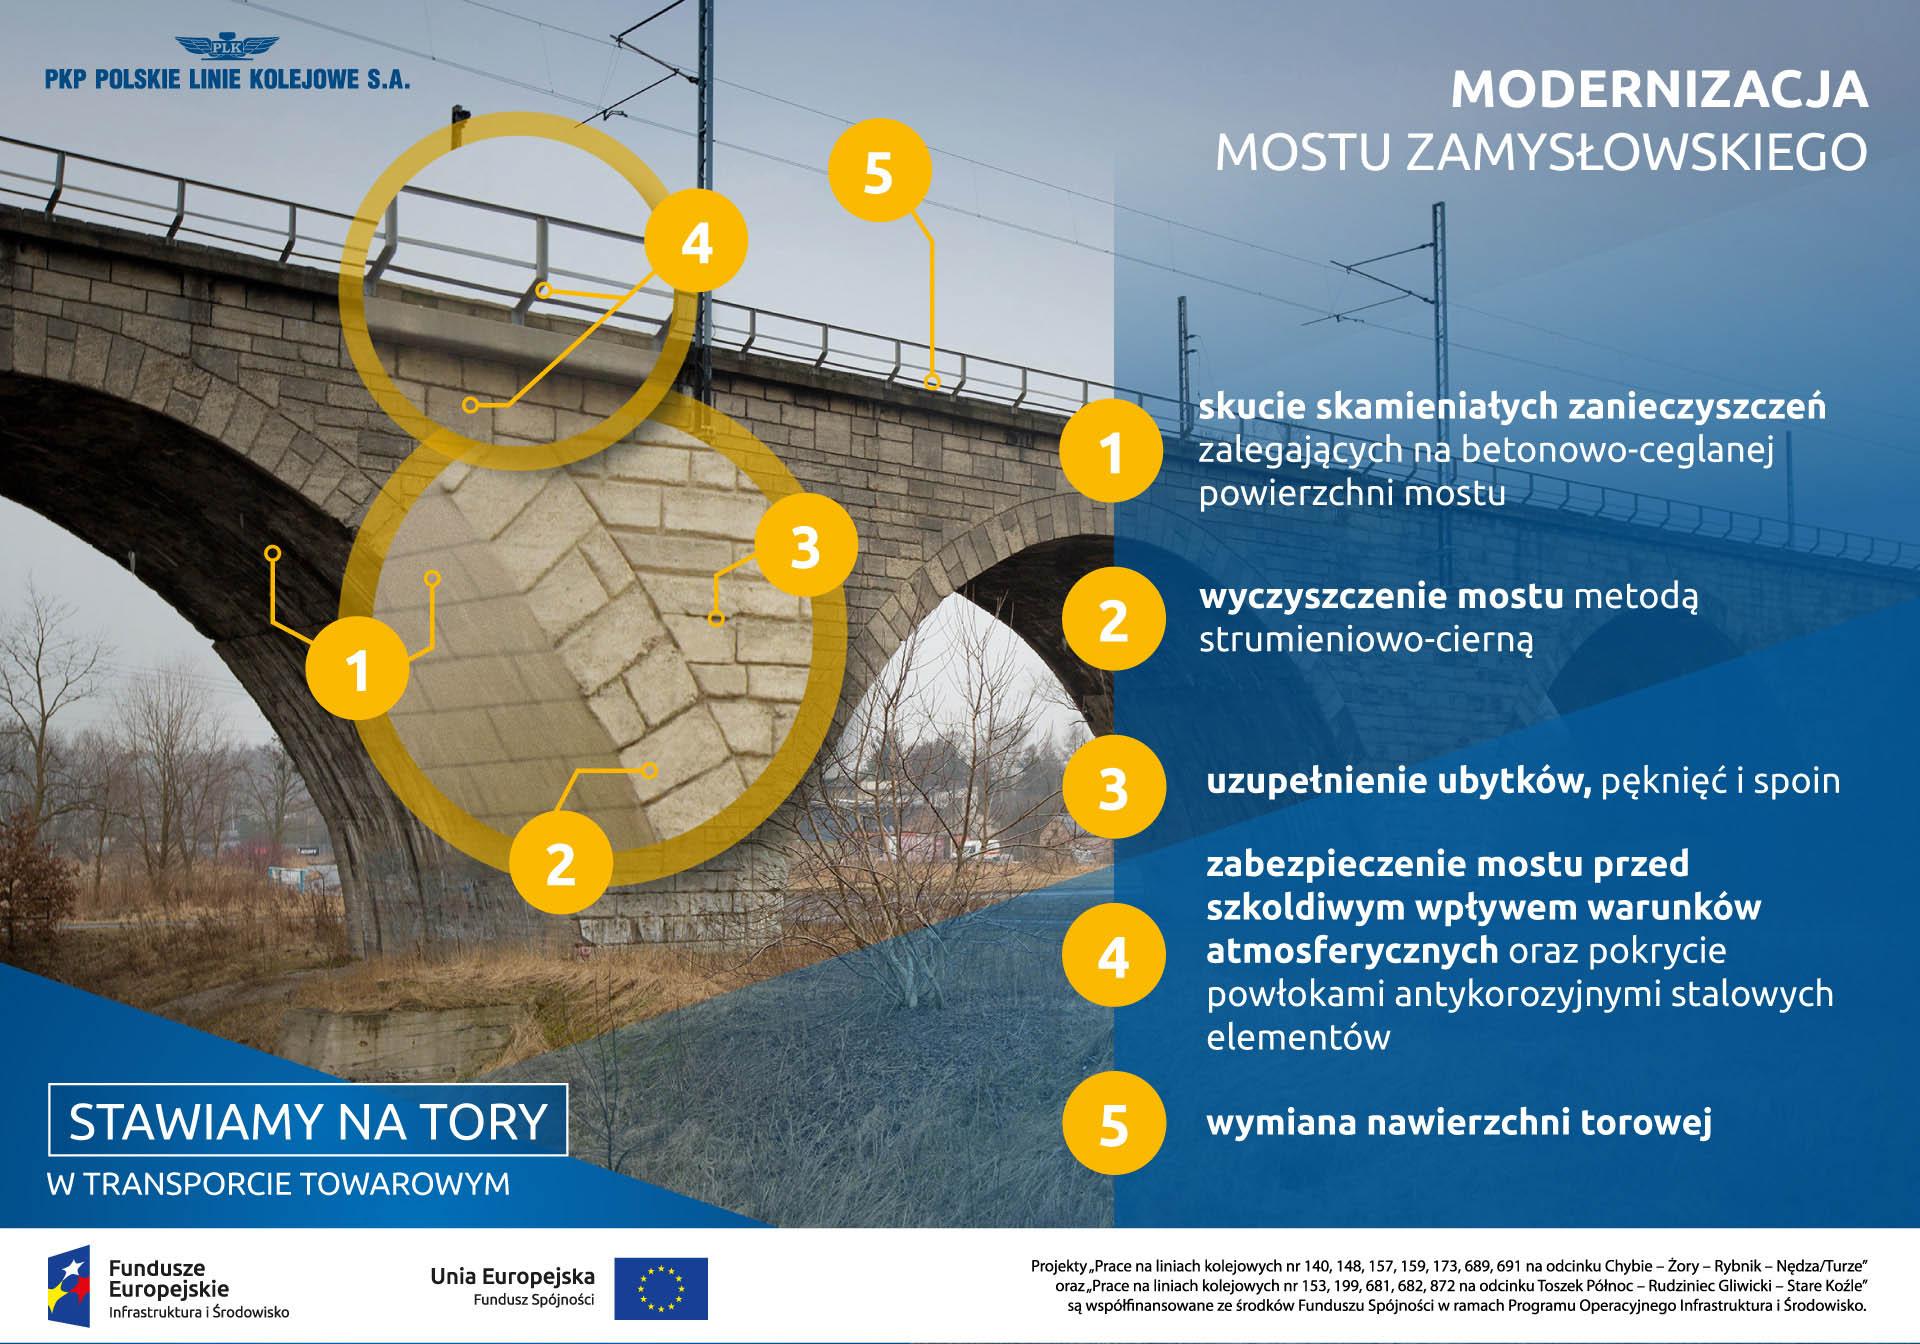 Infografika mówi o modernizacji mostu Zamysłowskiego. Będzie ono podlegać na skuciu skamieniałych zanieczyszczeń, wyczyszczeniu mostu, uzupełnieniu ubytków, zabezpieczeniu przed warunkami atmosferycznymi, i wymianie nawierzchni torowej .